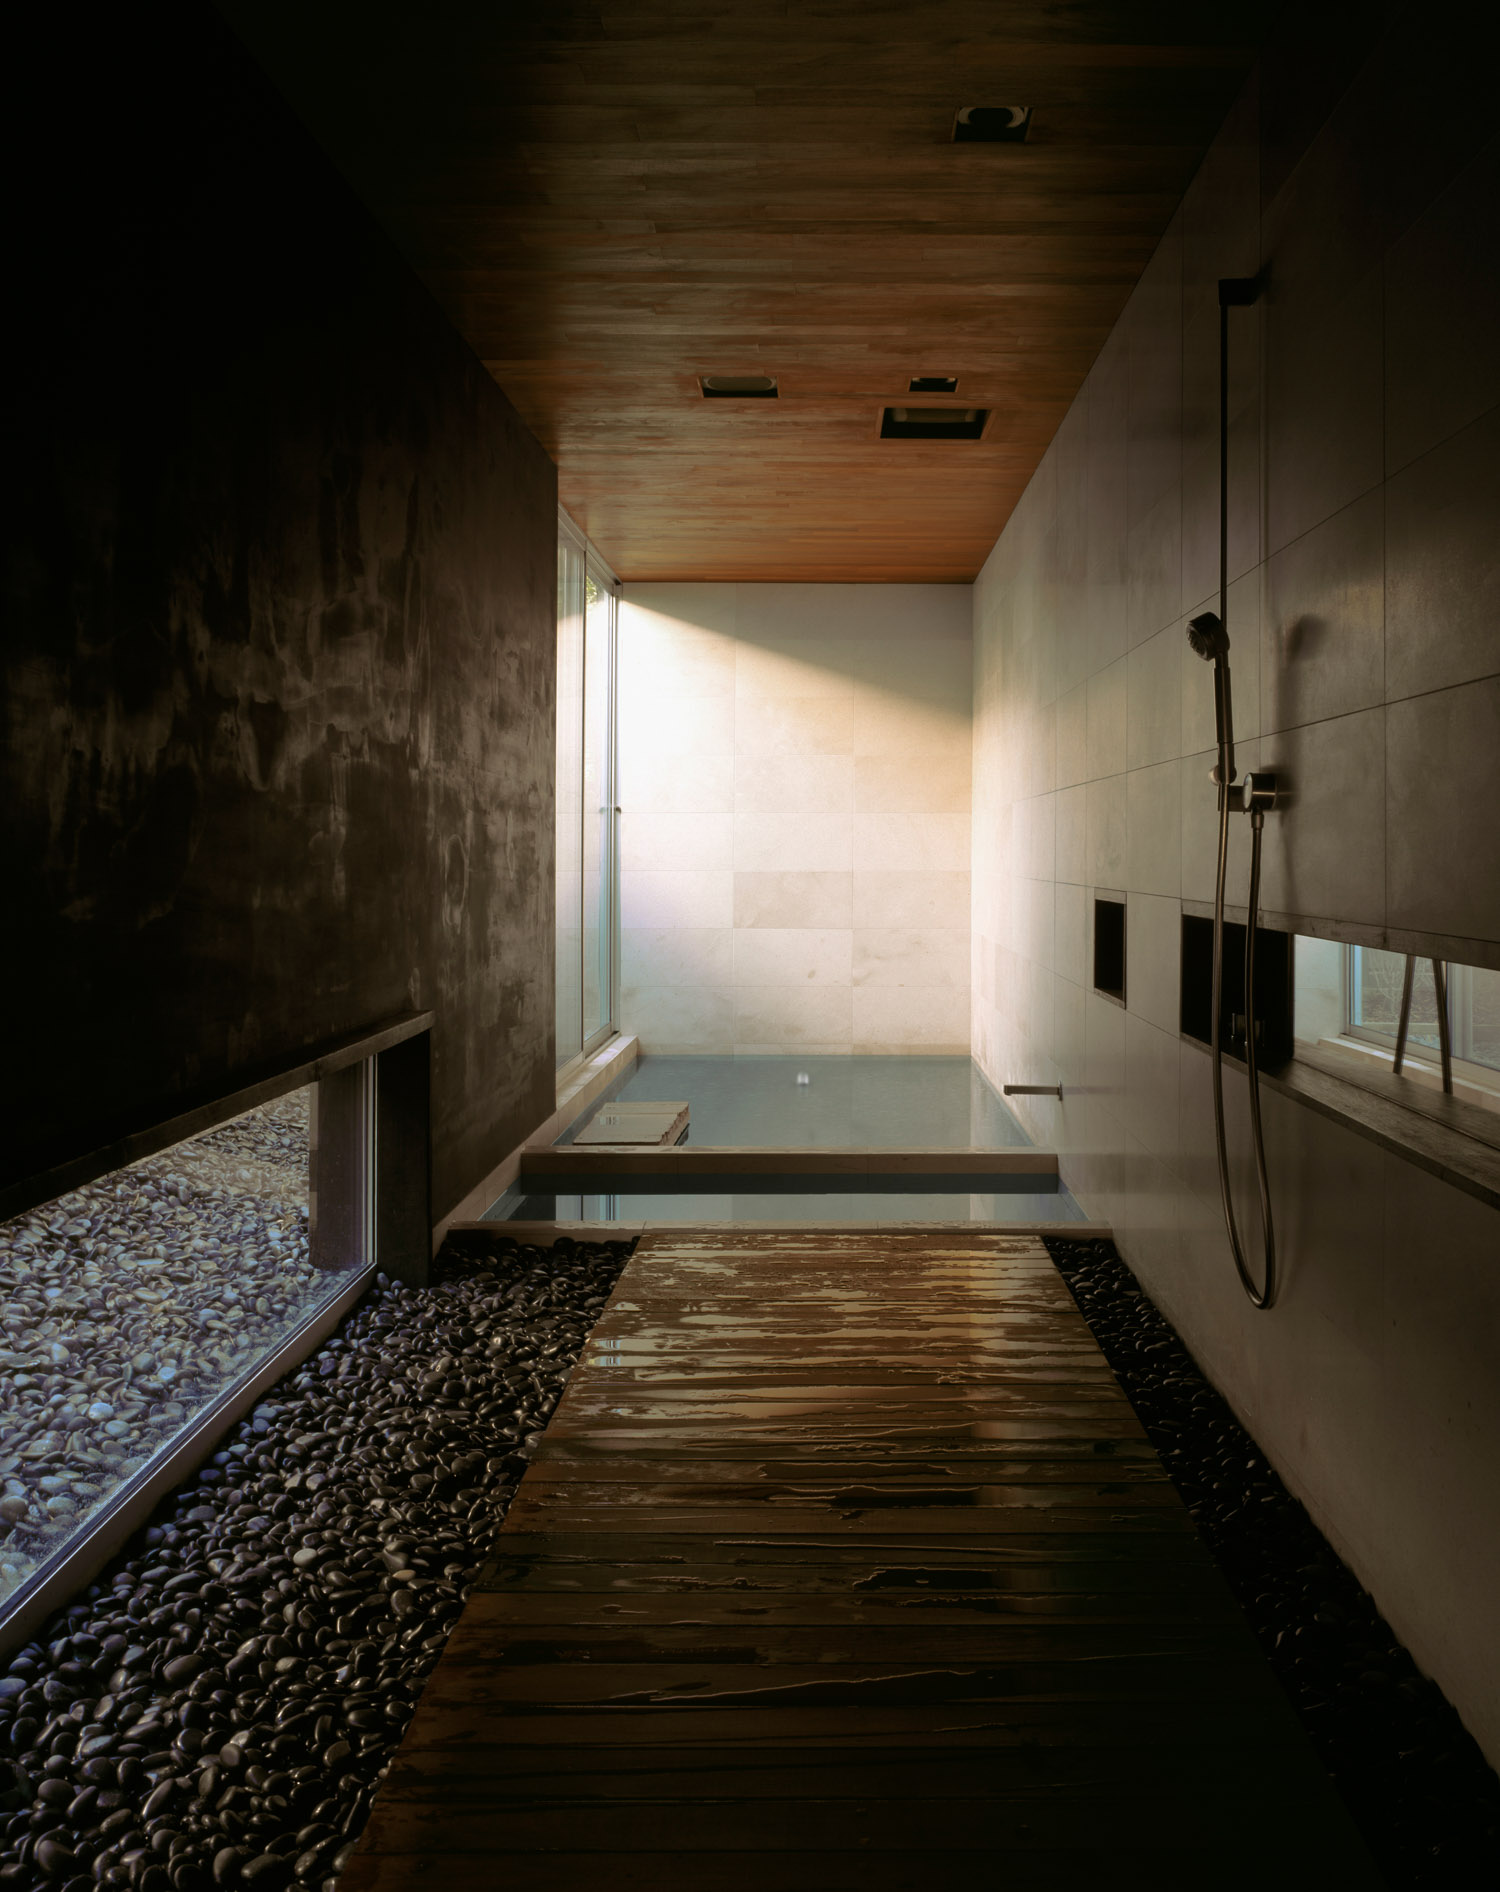 wabi-house-sebastian-mariscal-studio-hisao-suzuki-16.jpg